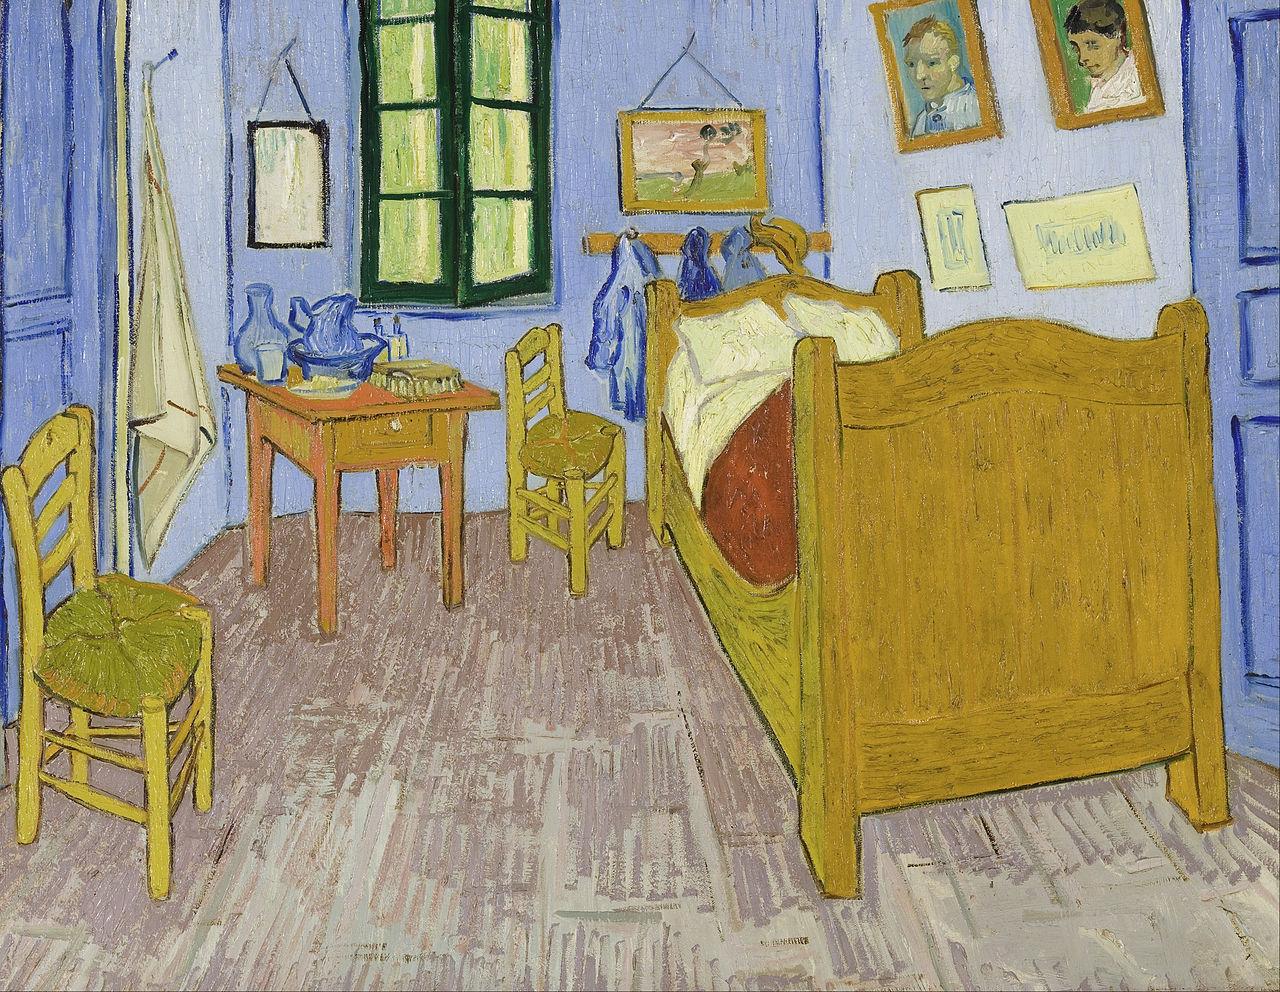 La stanza di Van Gogh ad Arles, Vincent van Gogh